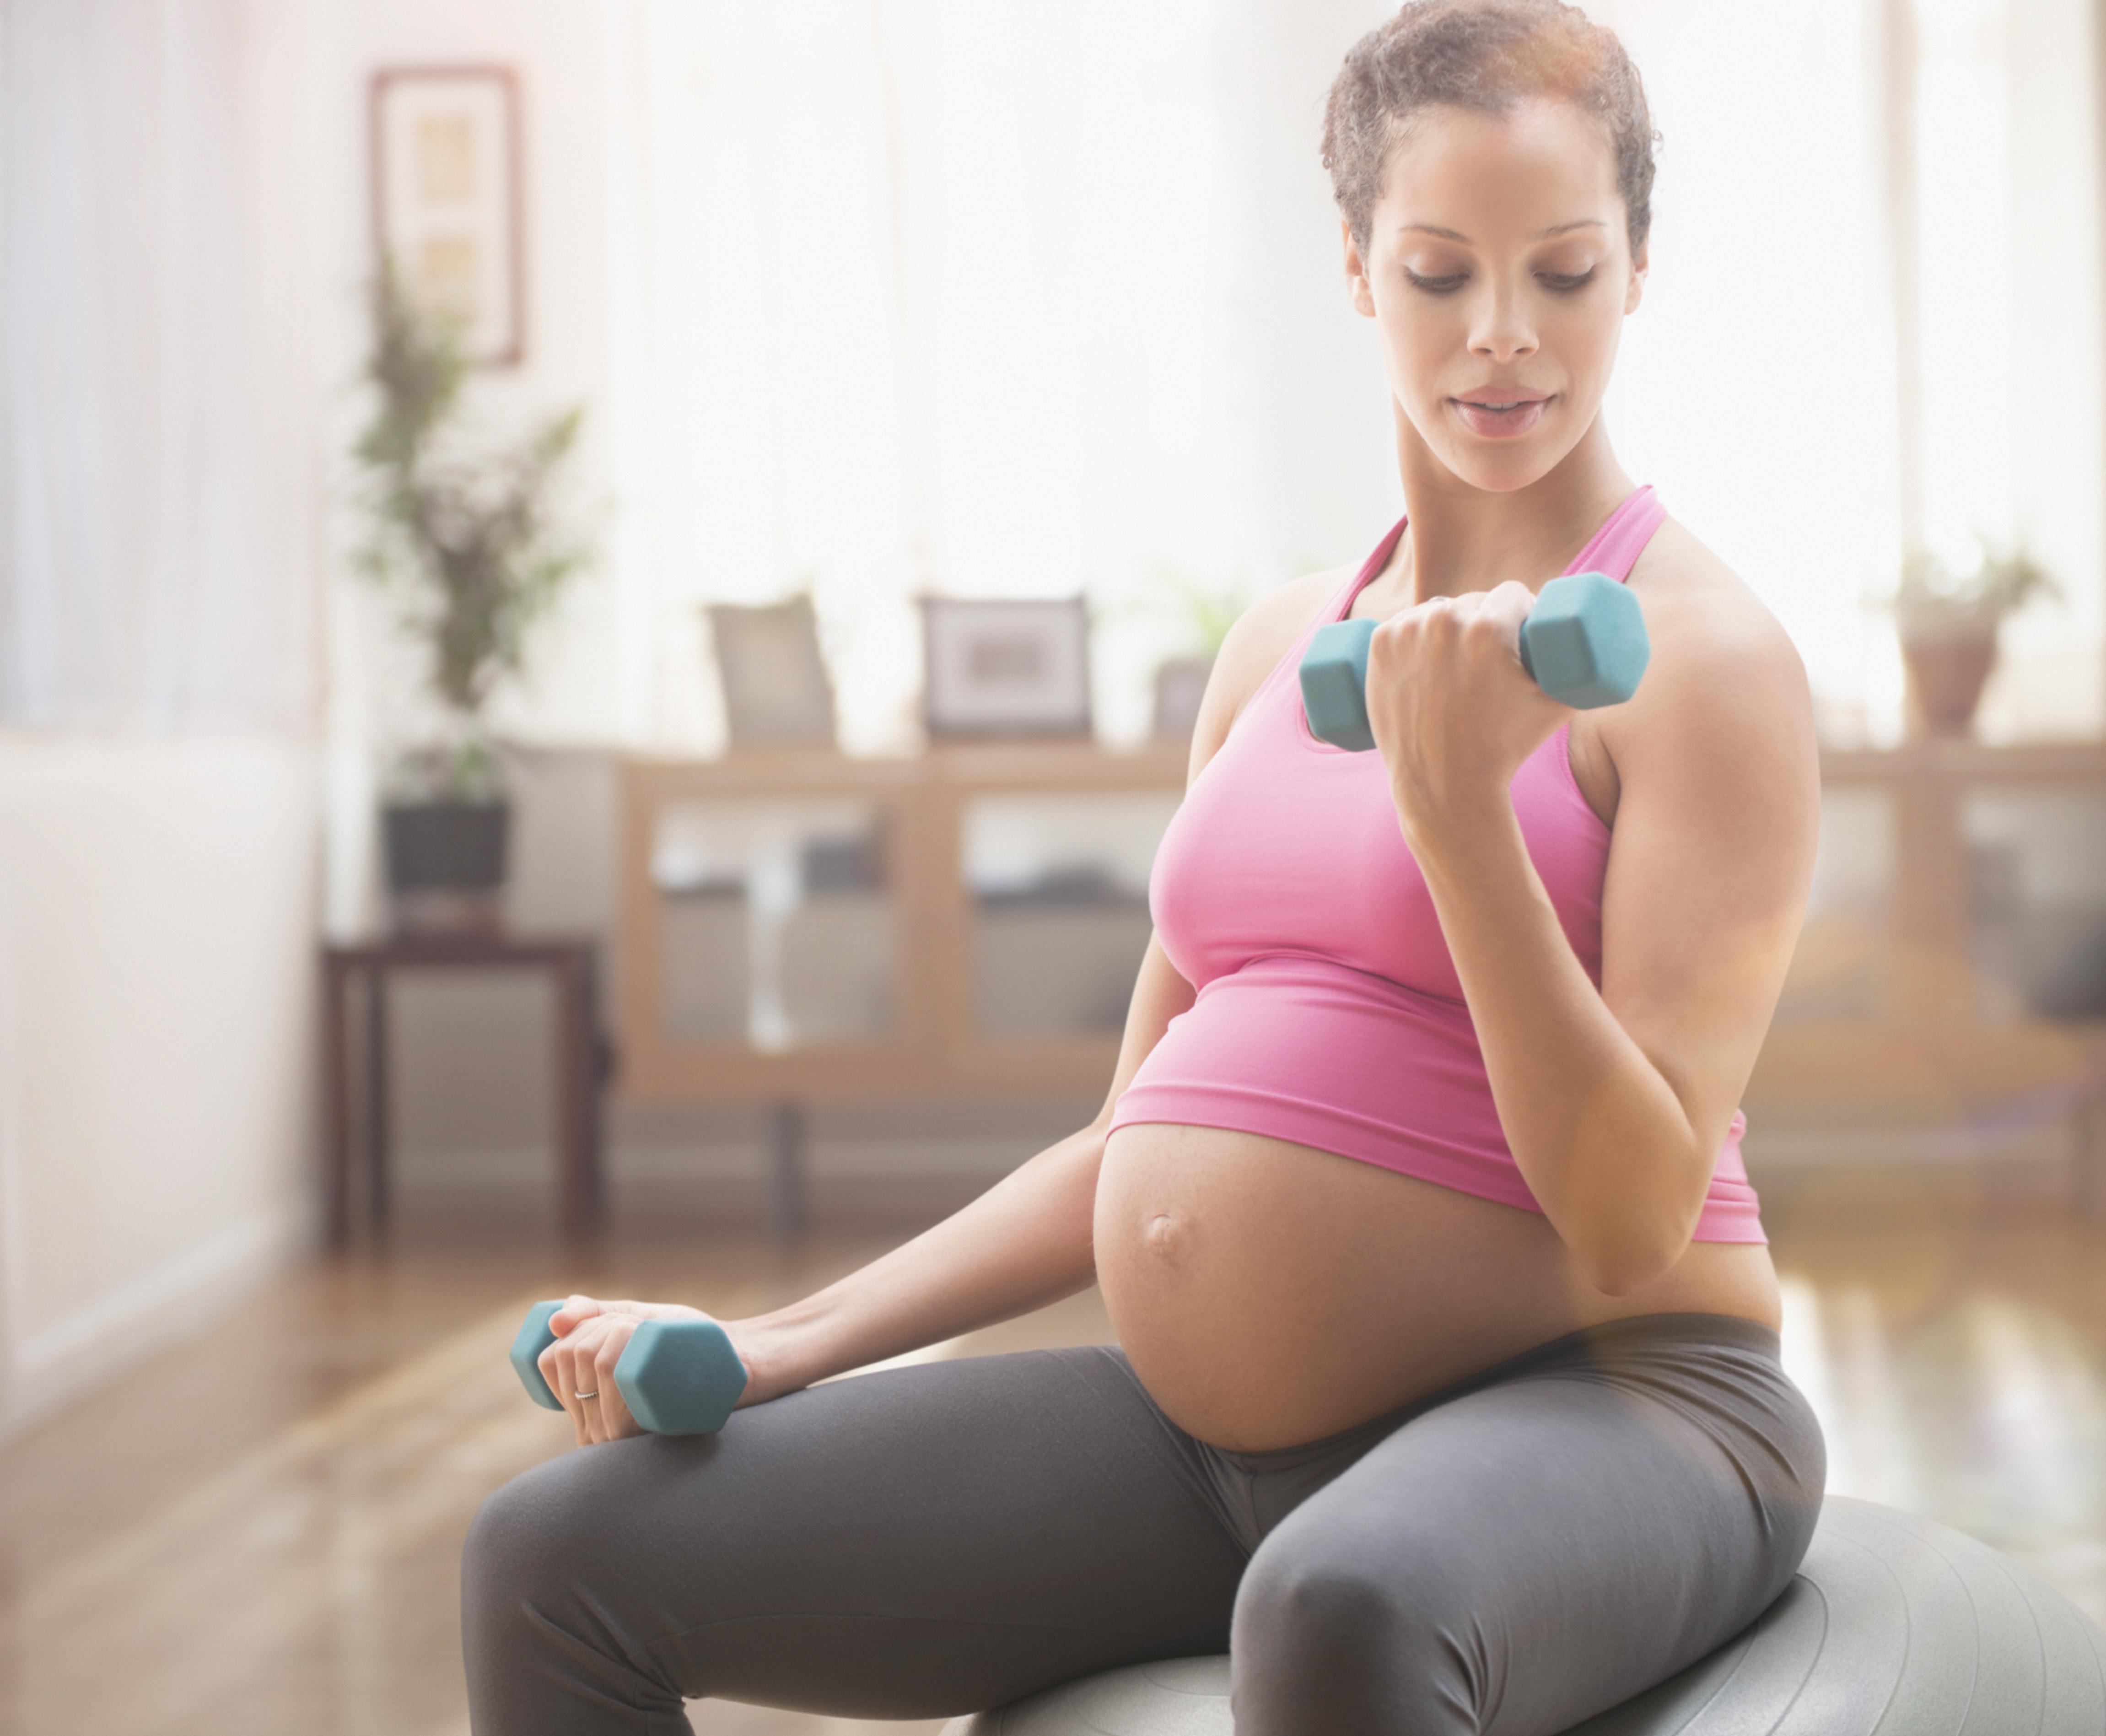 Лежать нельзя двигаться? физические нагрузки и беременность. нужно ли полностью исключать физические нагрузки во время беременности